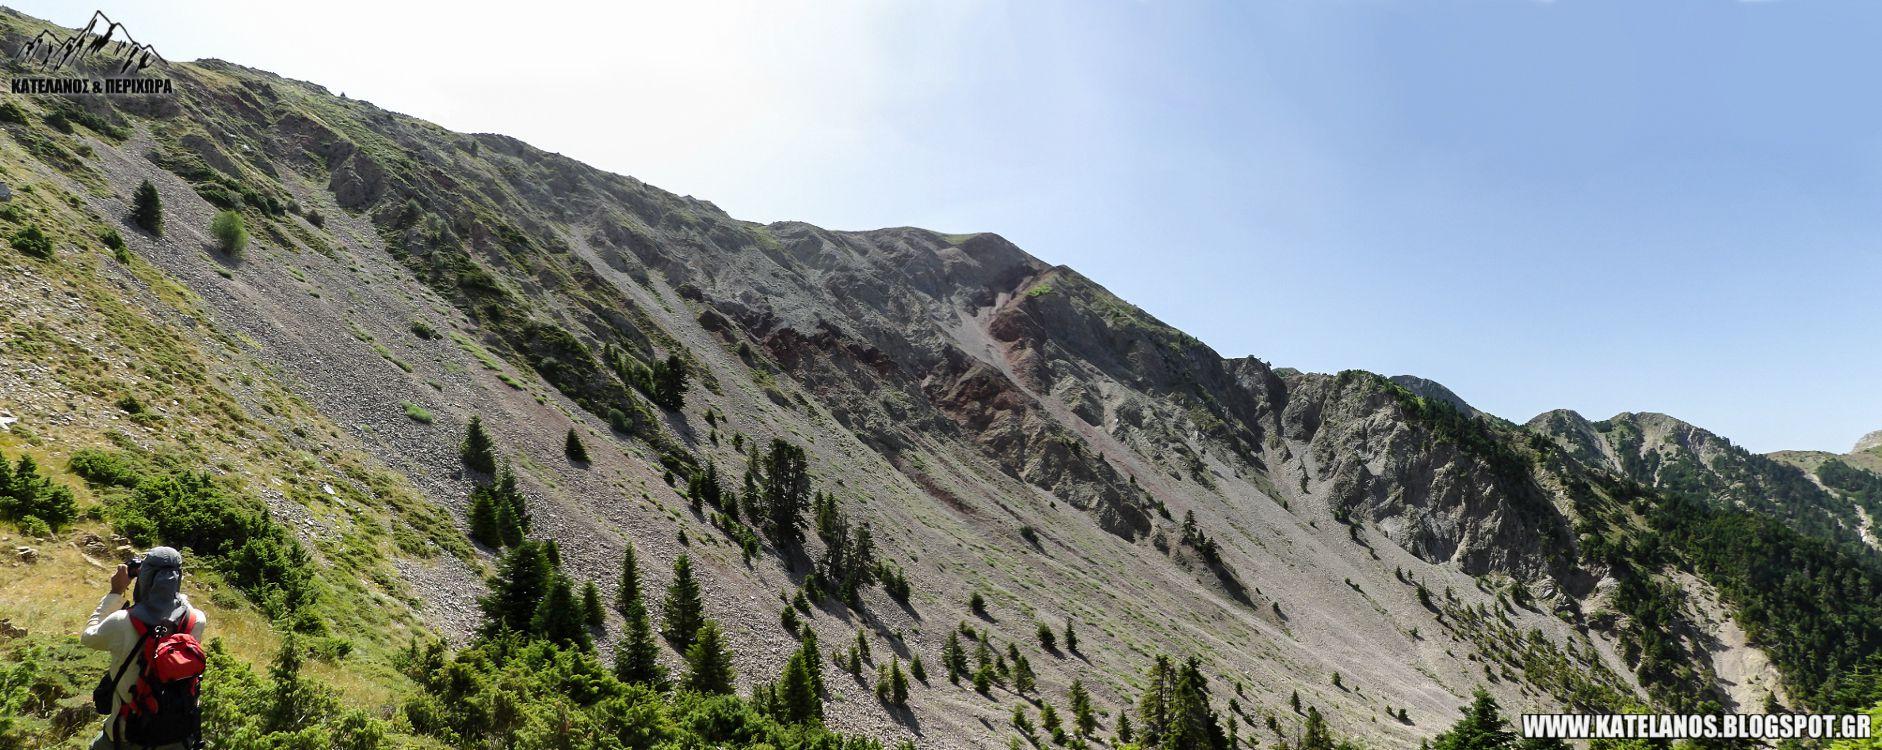 πλατανι βουνο ευρυτανια κρατηρας